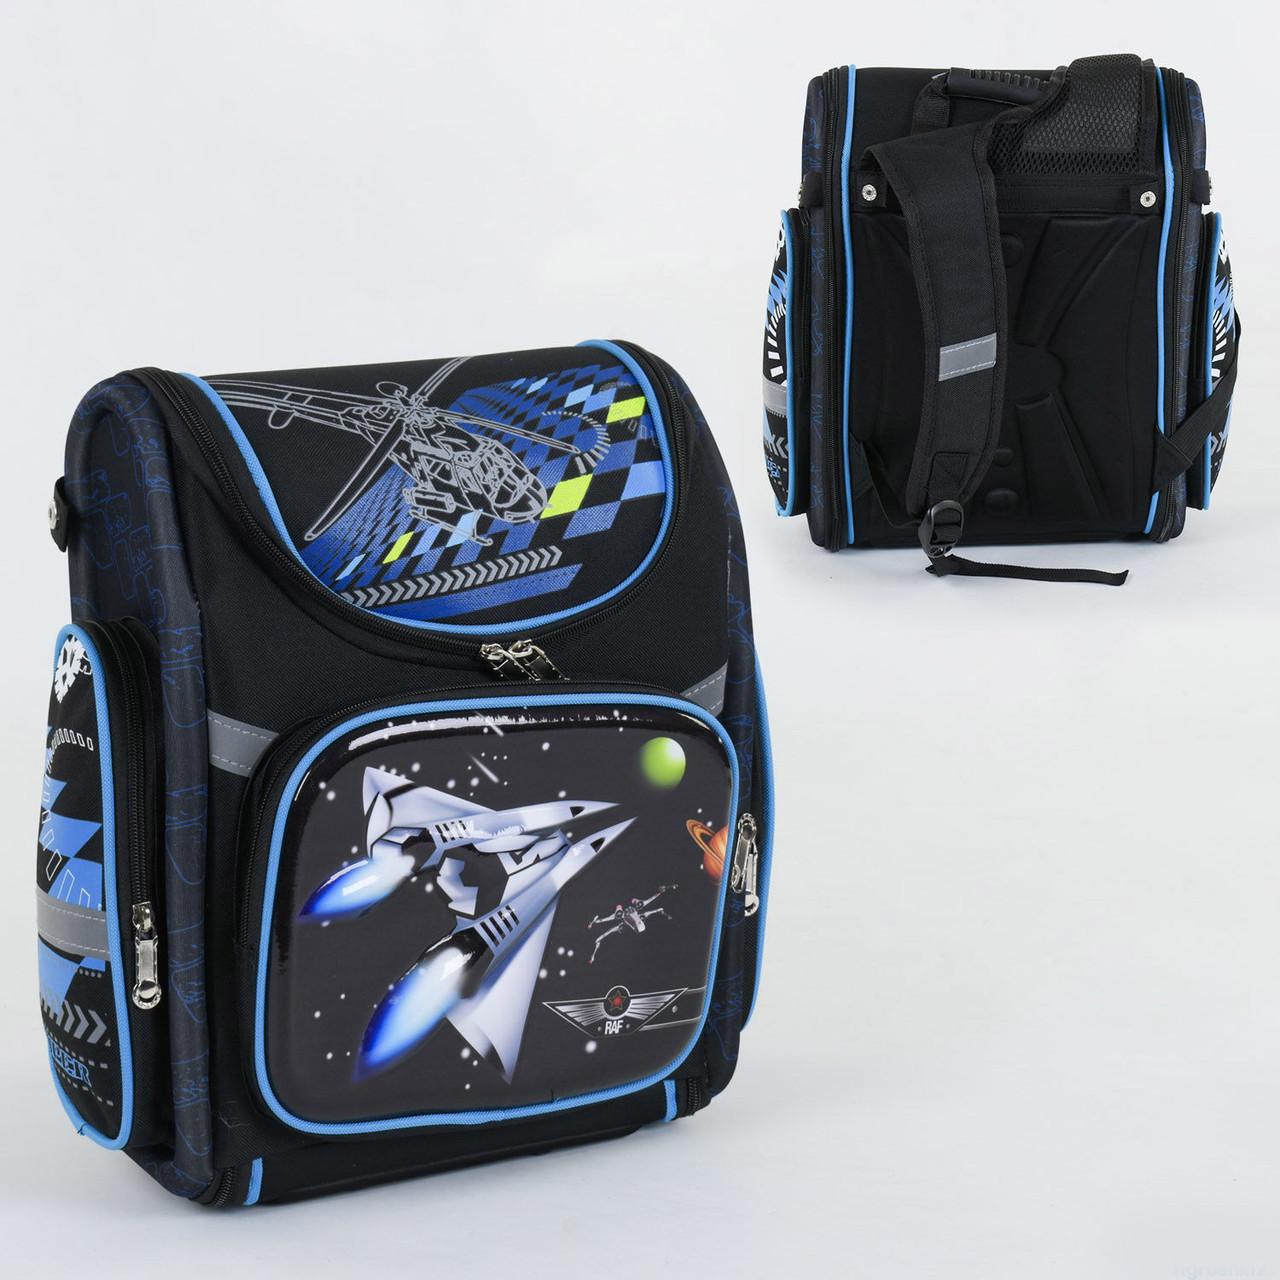 Рюкзак школьный каркасный С 36190, 1 отделение, 3 кармана, спинка ортопедическая, 3D принт